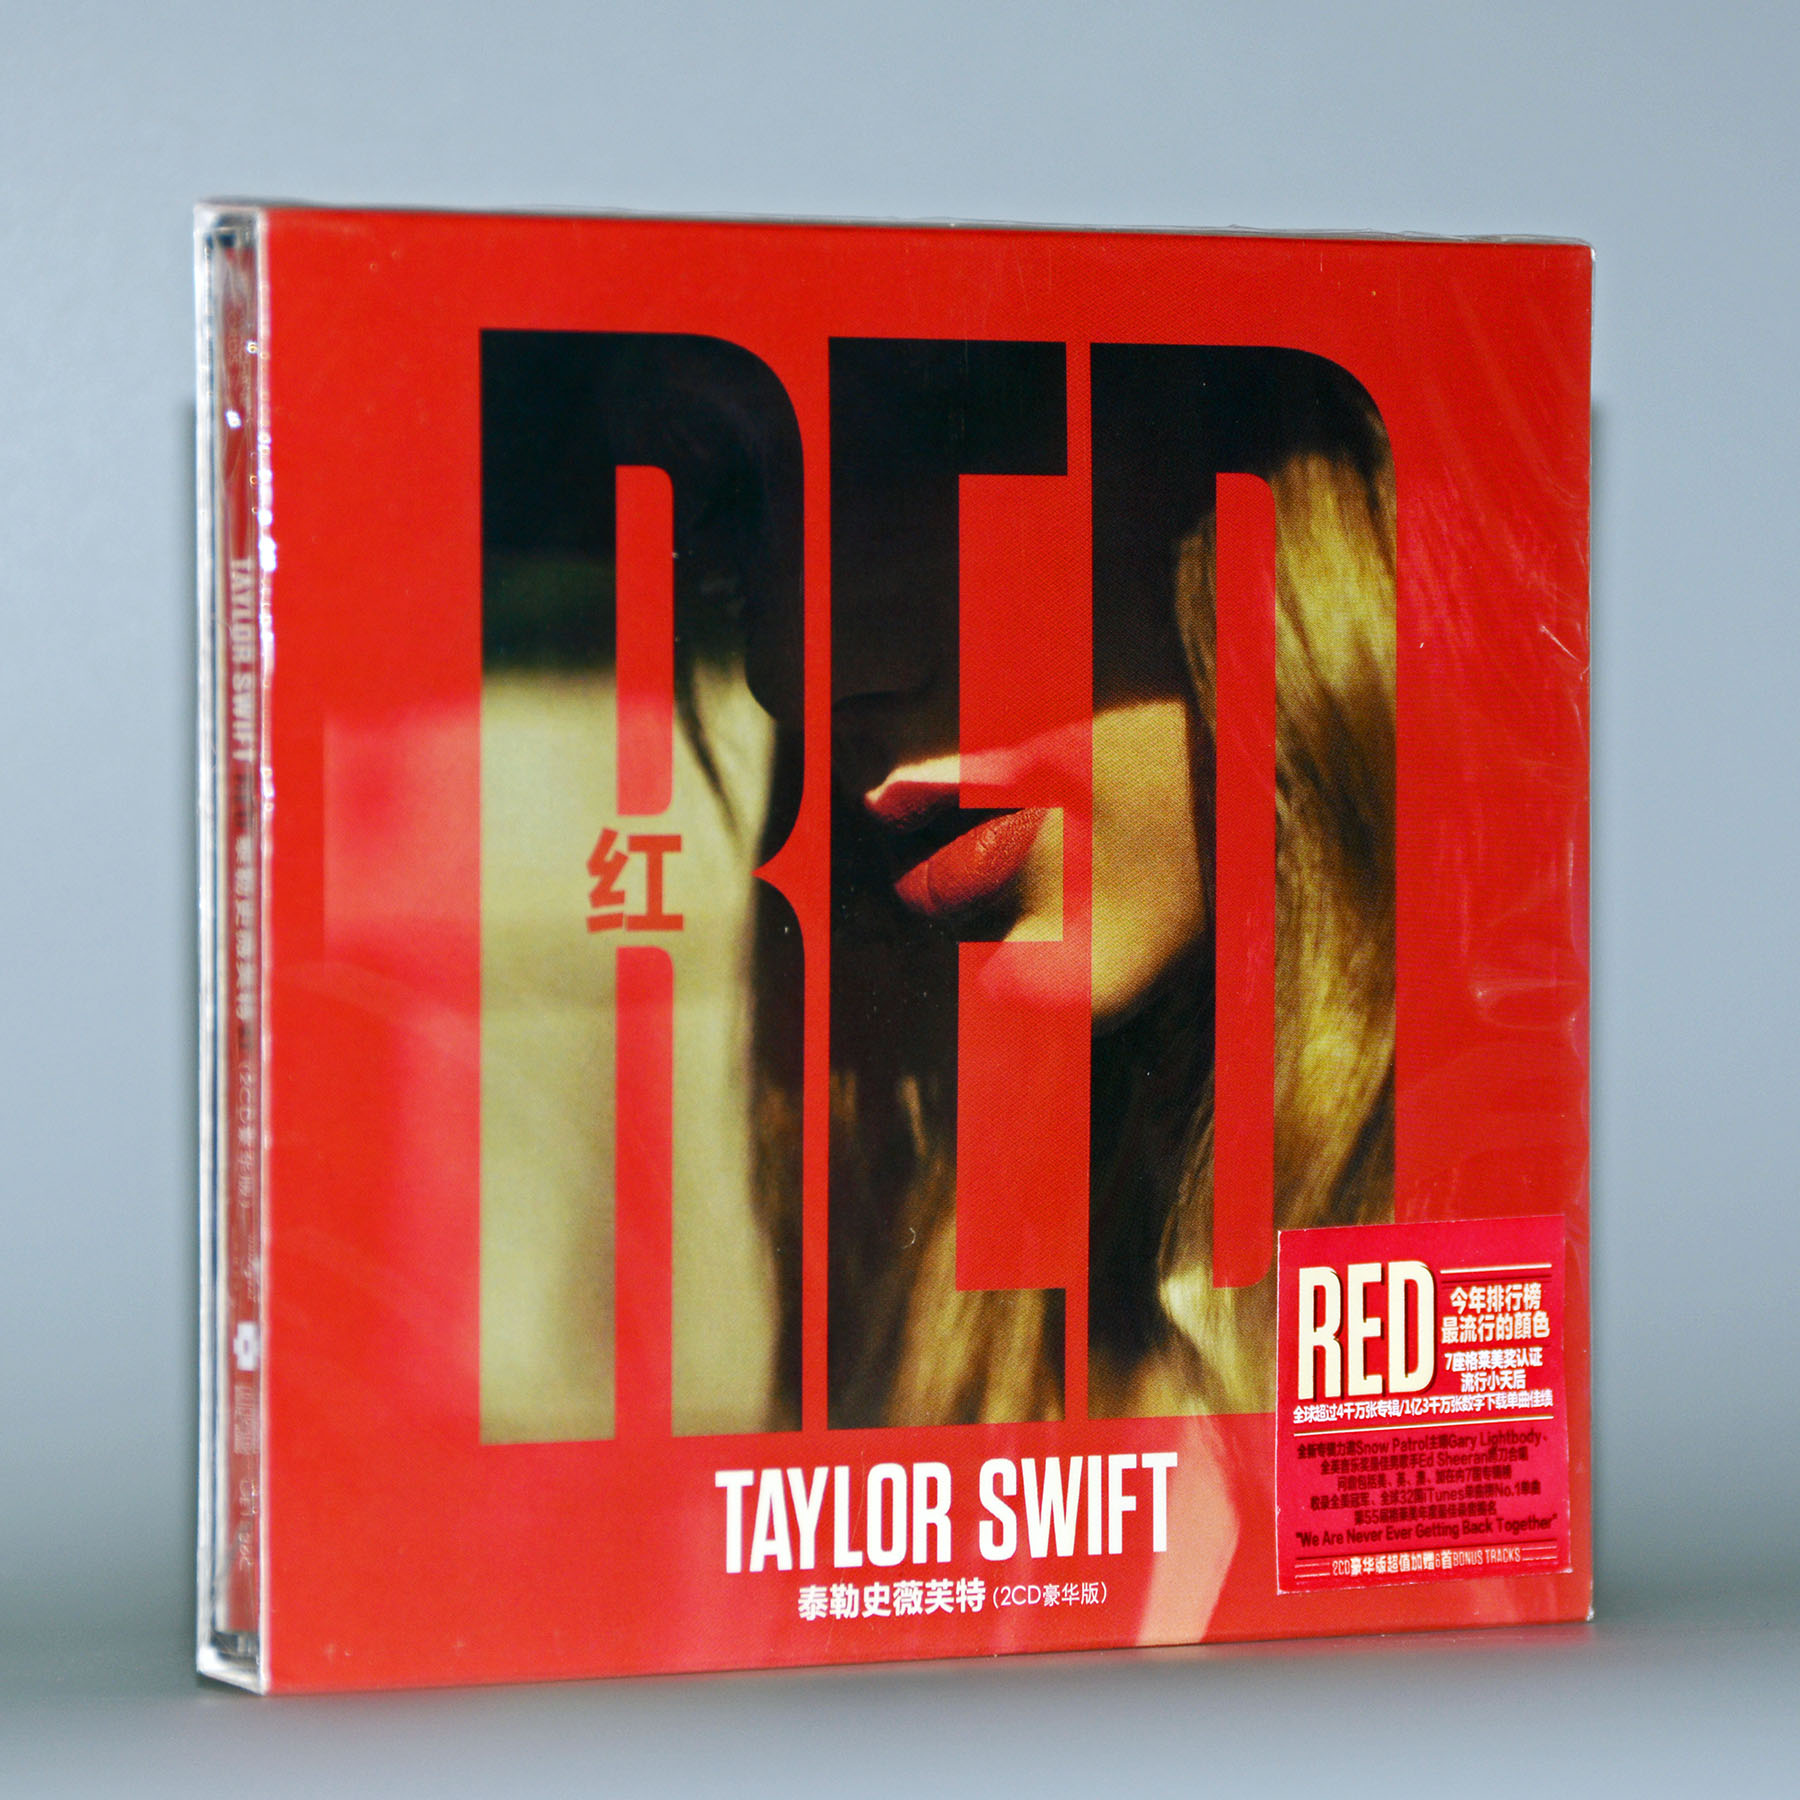 正版专辑 霉霉 Taylor Swift red 泰勒斯威夫特 红色 豪华版2CD